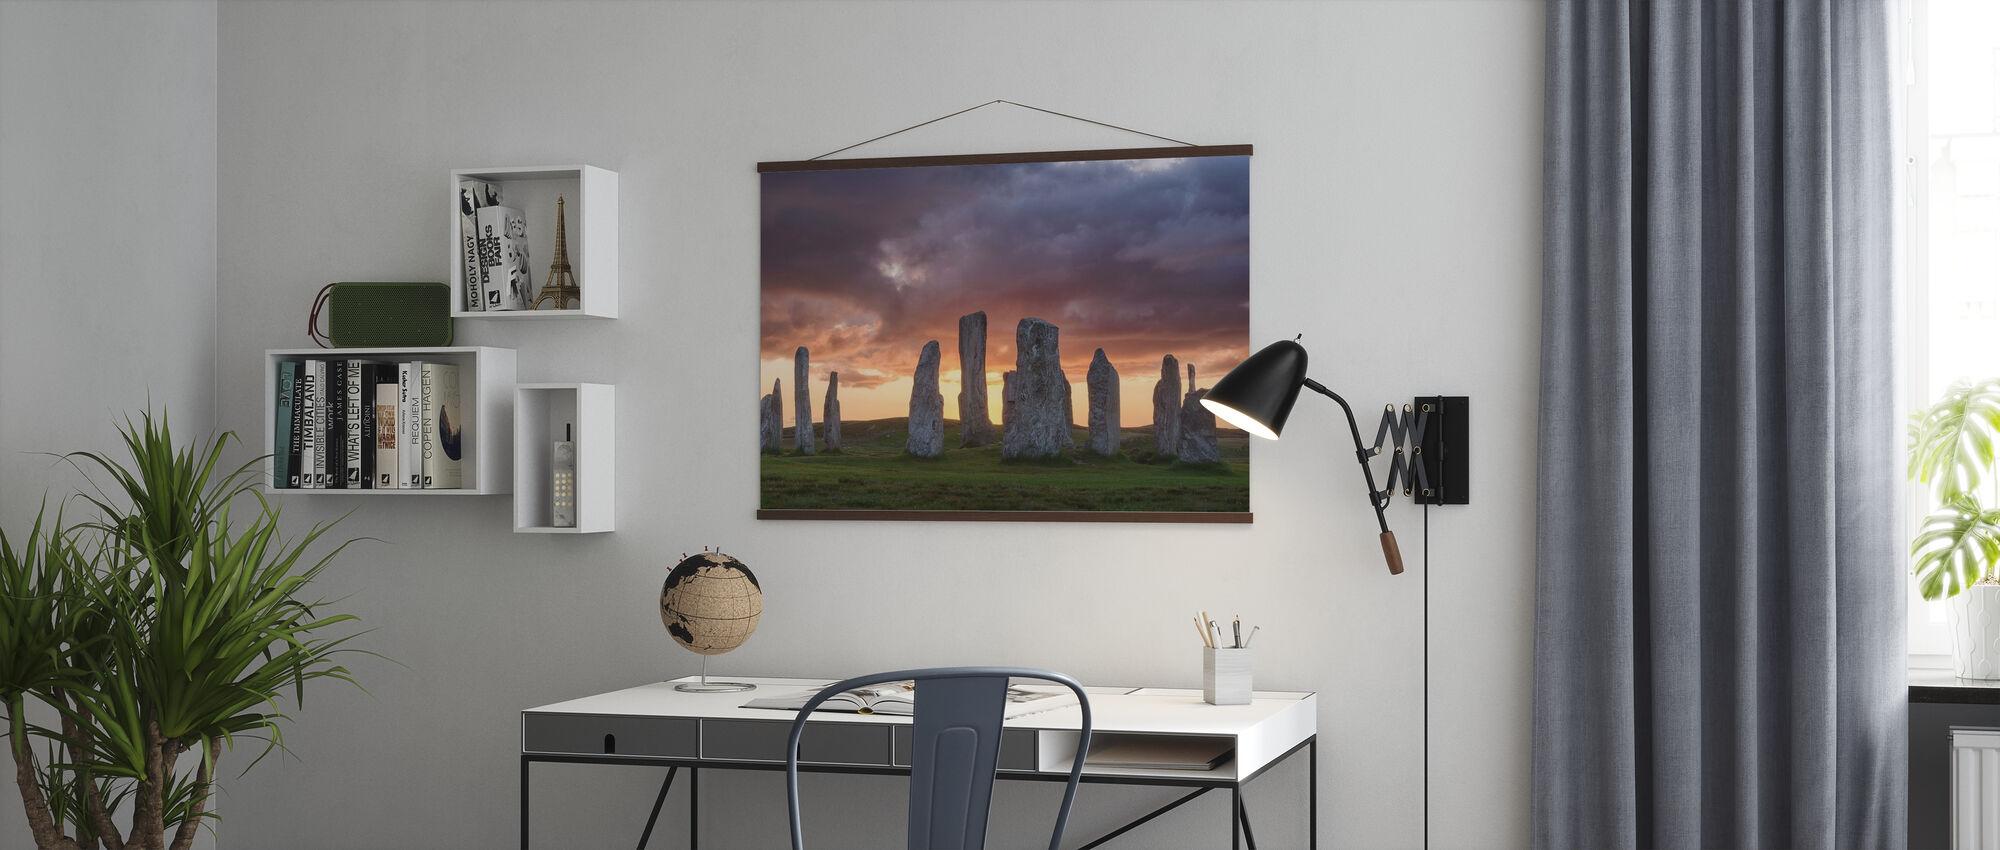 Callanischer Sonnenuntergang - Poster - Büro